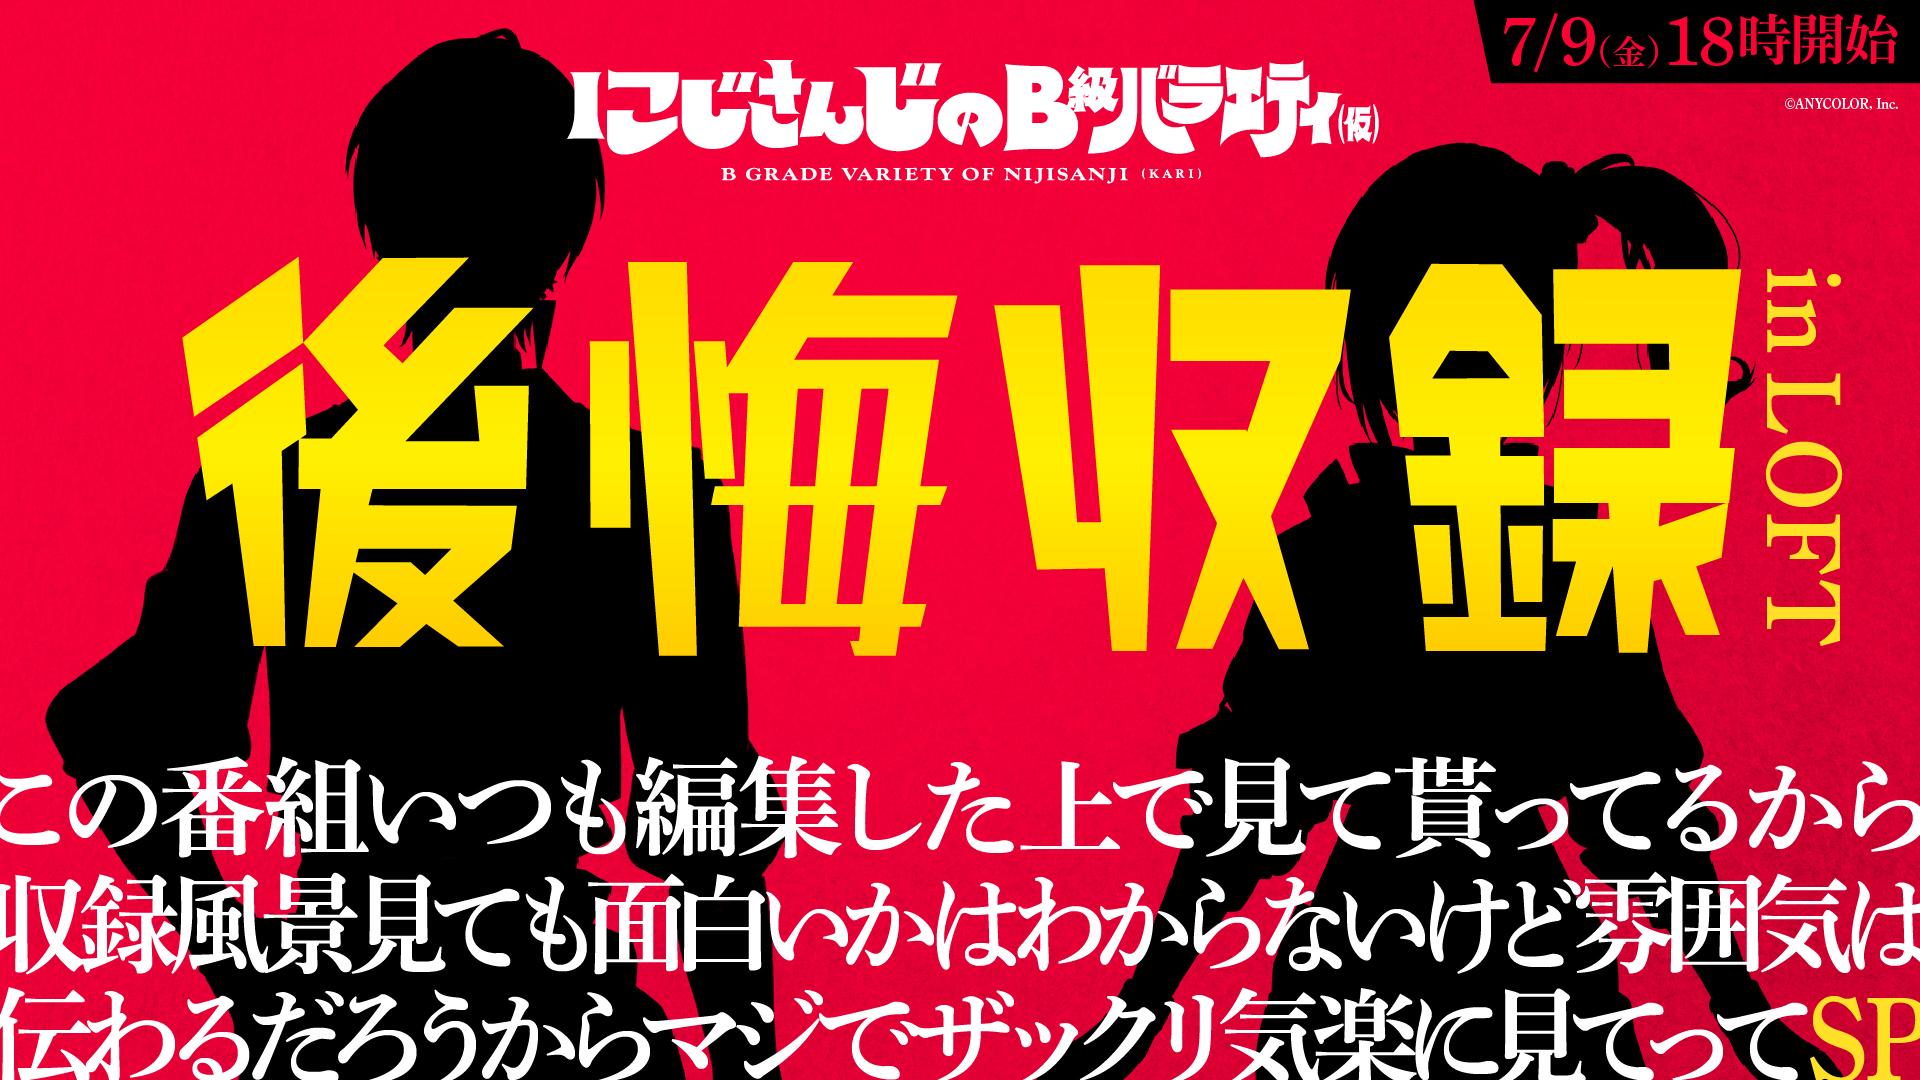 にじさんじのB級バラエティ(仮)公開収録イベント実施決定!